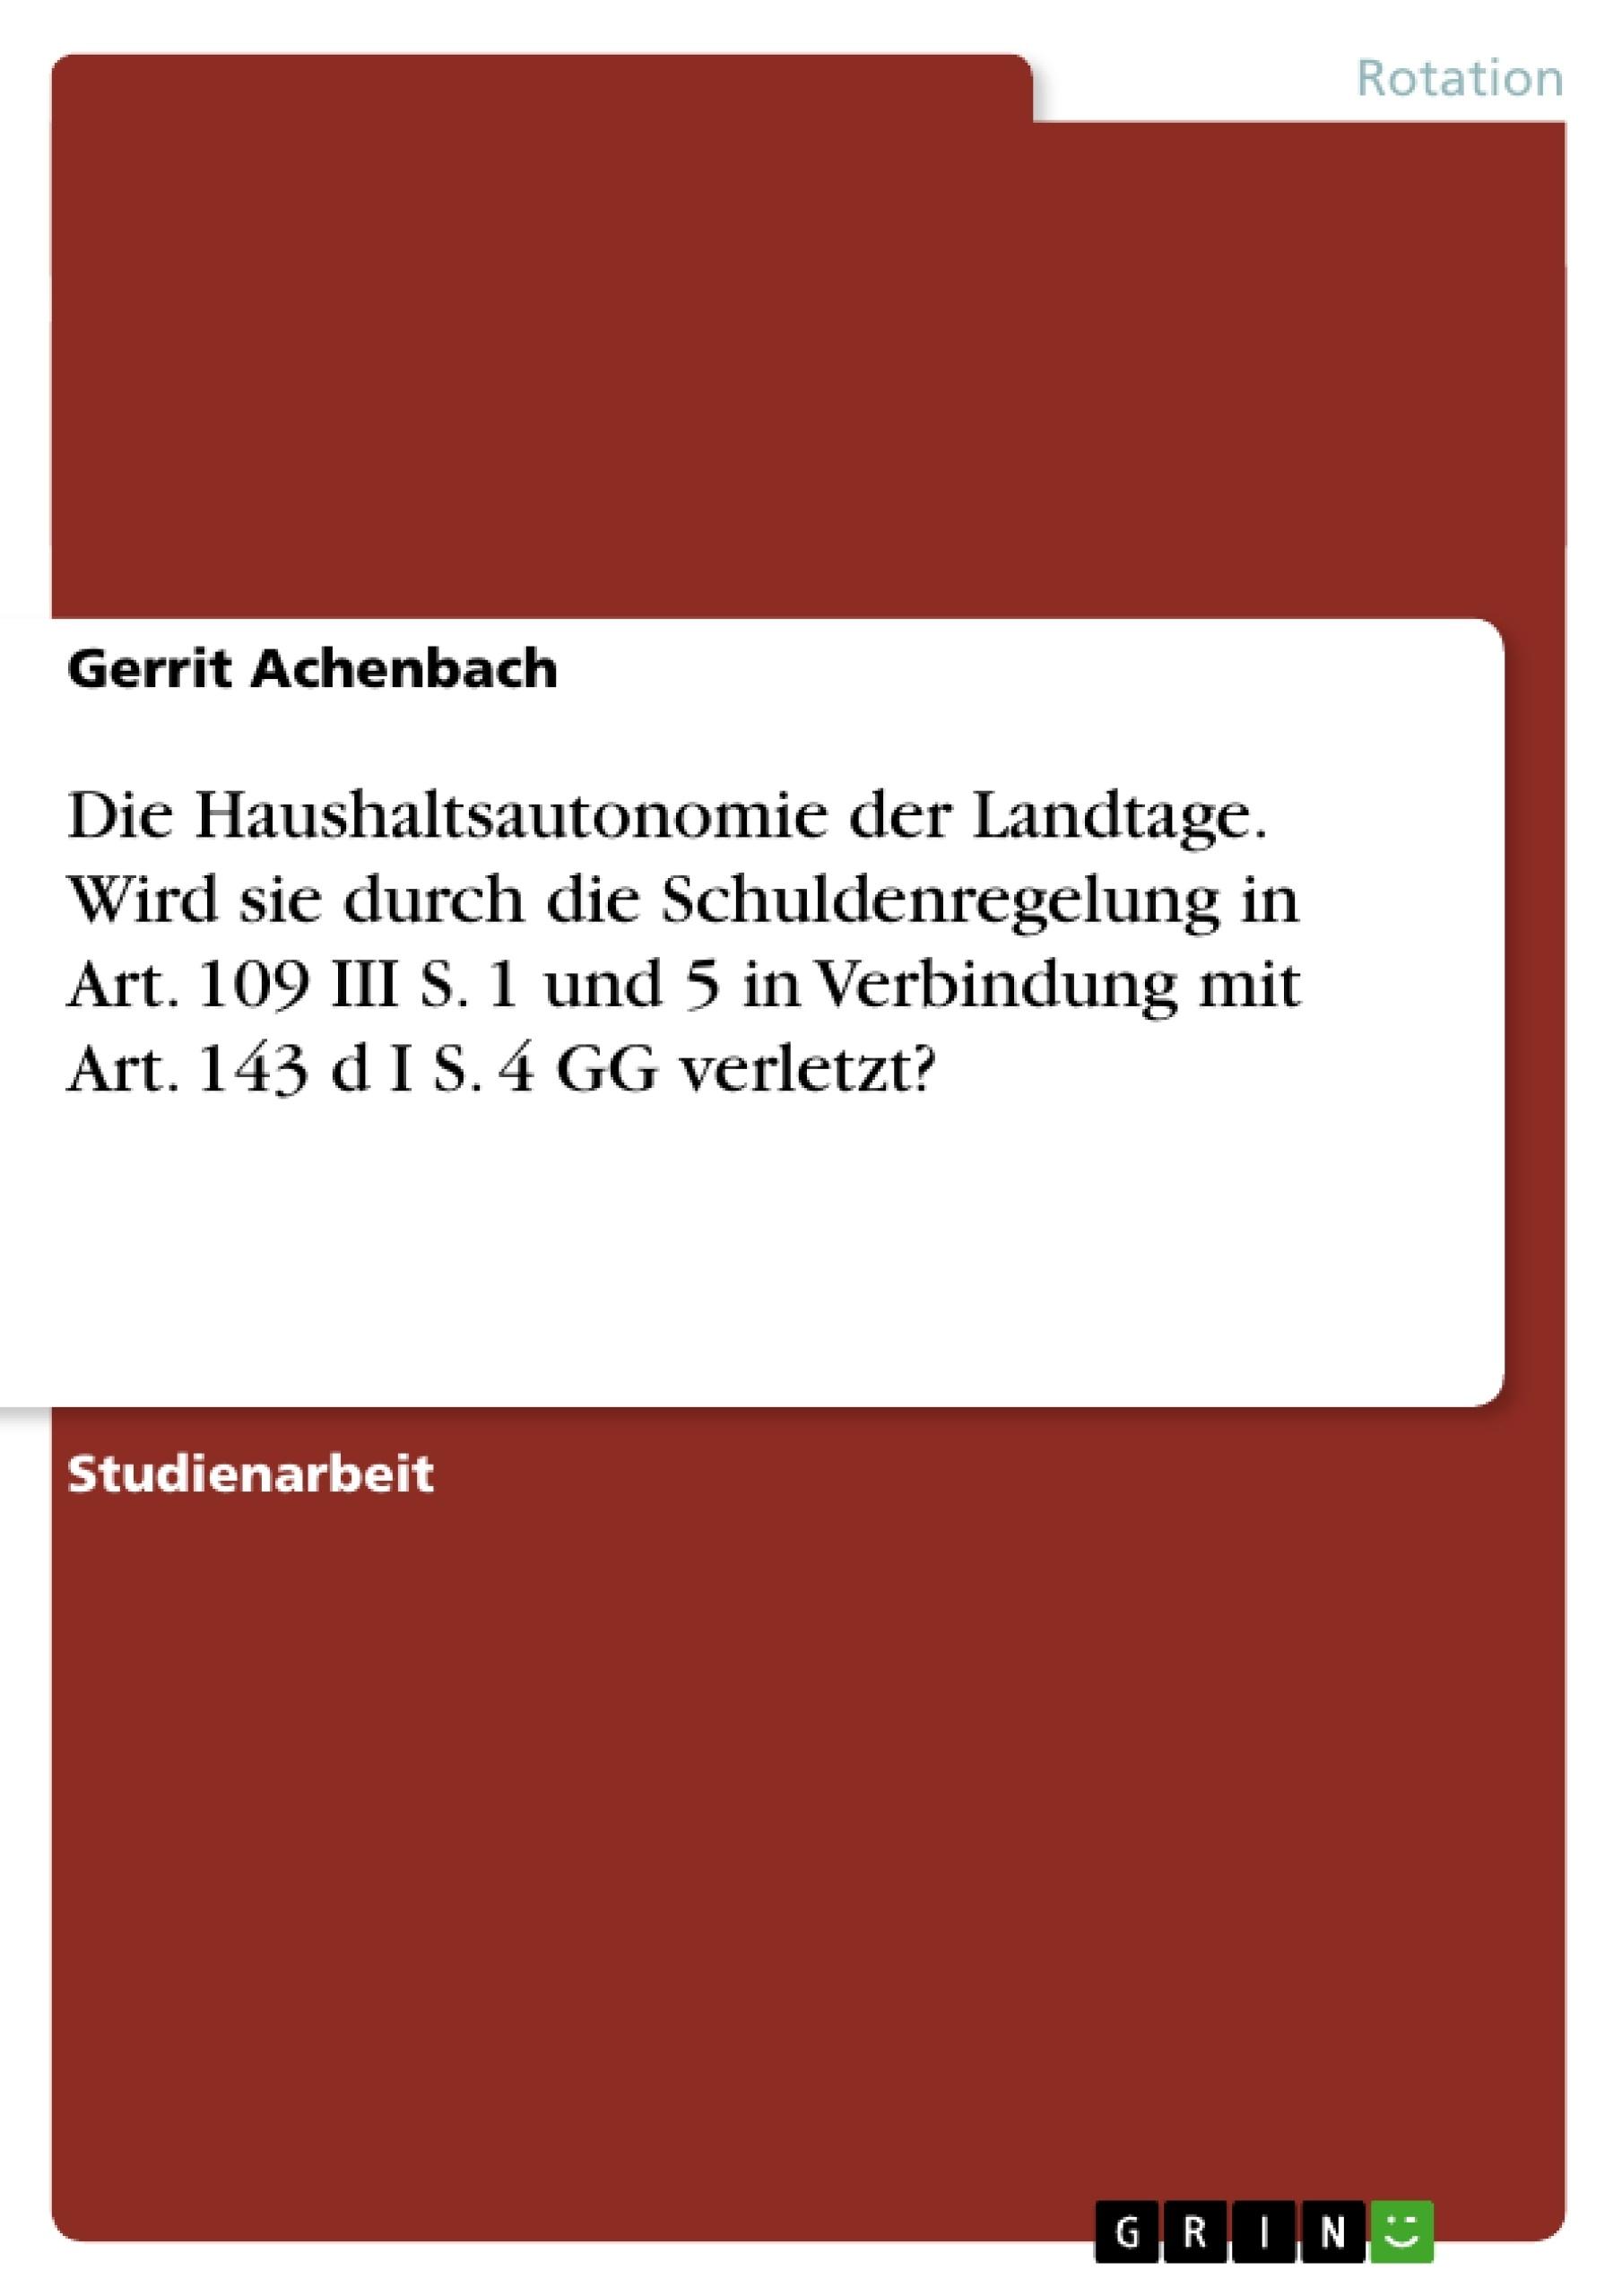 Titel: Die Haushaltsautonomie der Landtage. Wird sie  durch die Schuldenregelung in Art. 109 III S. 1  und 5 in Verbindung mit Art. 143 d I S. 4 GG verletzt?